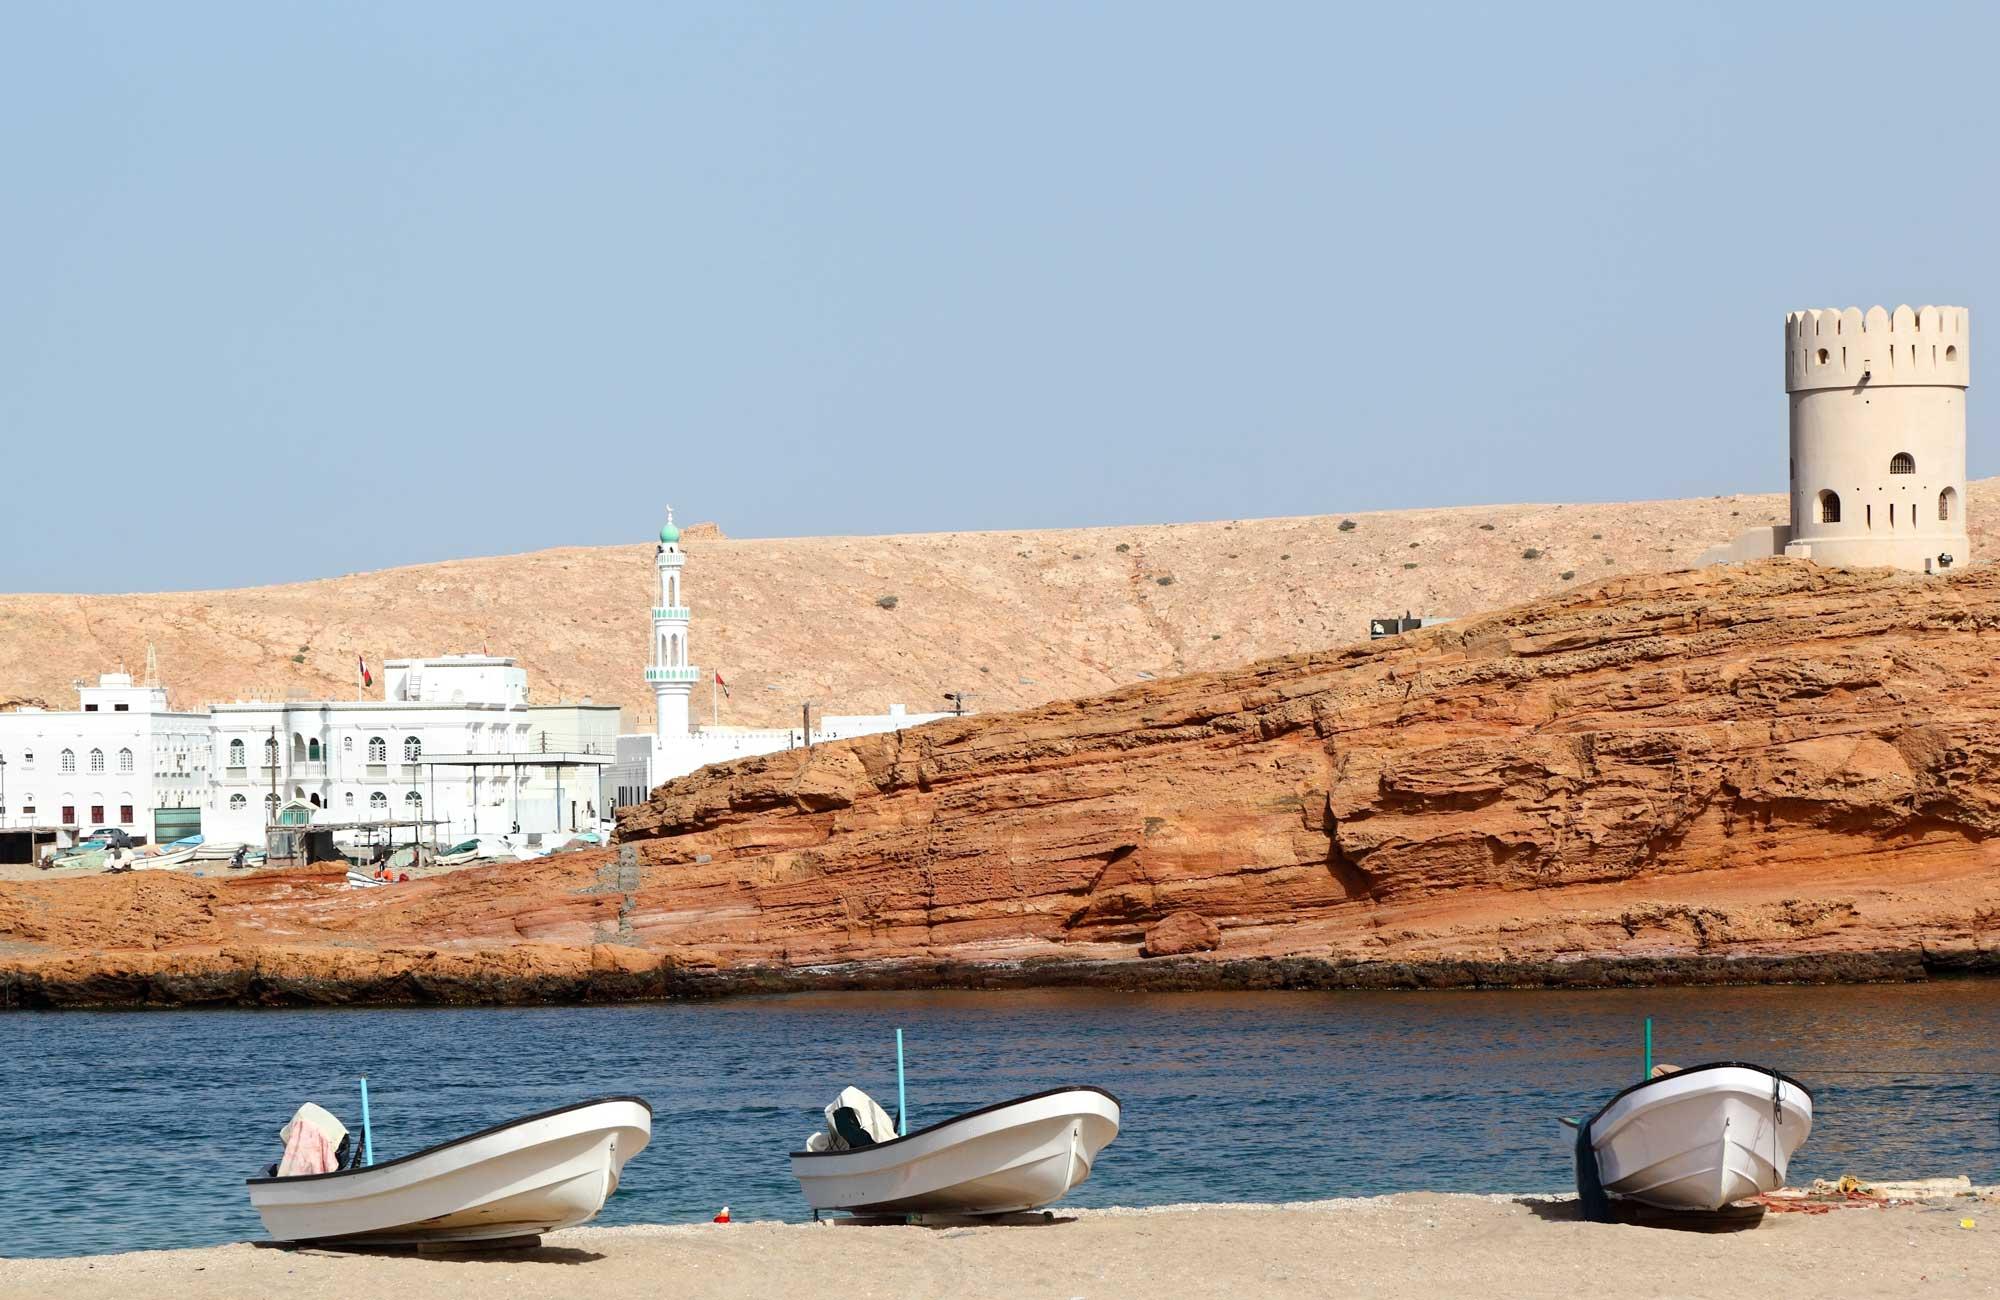 Voyage Oman - Sour port - Amplitudes